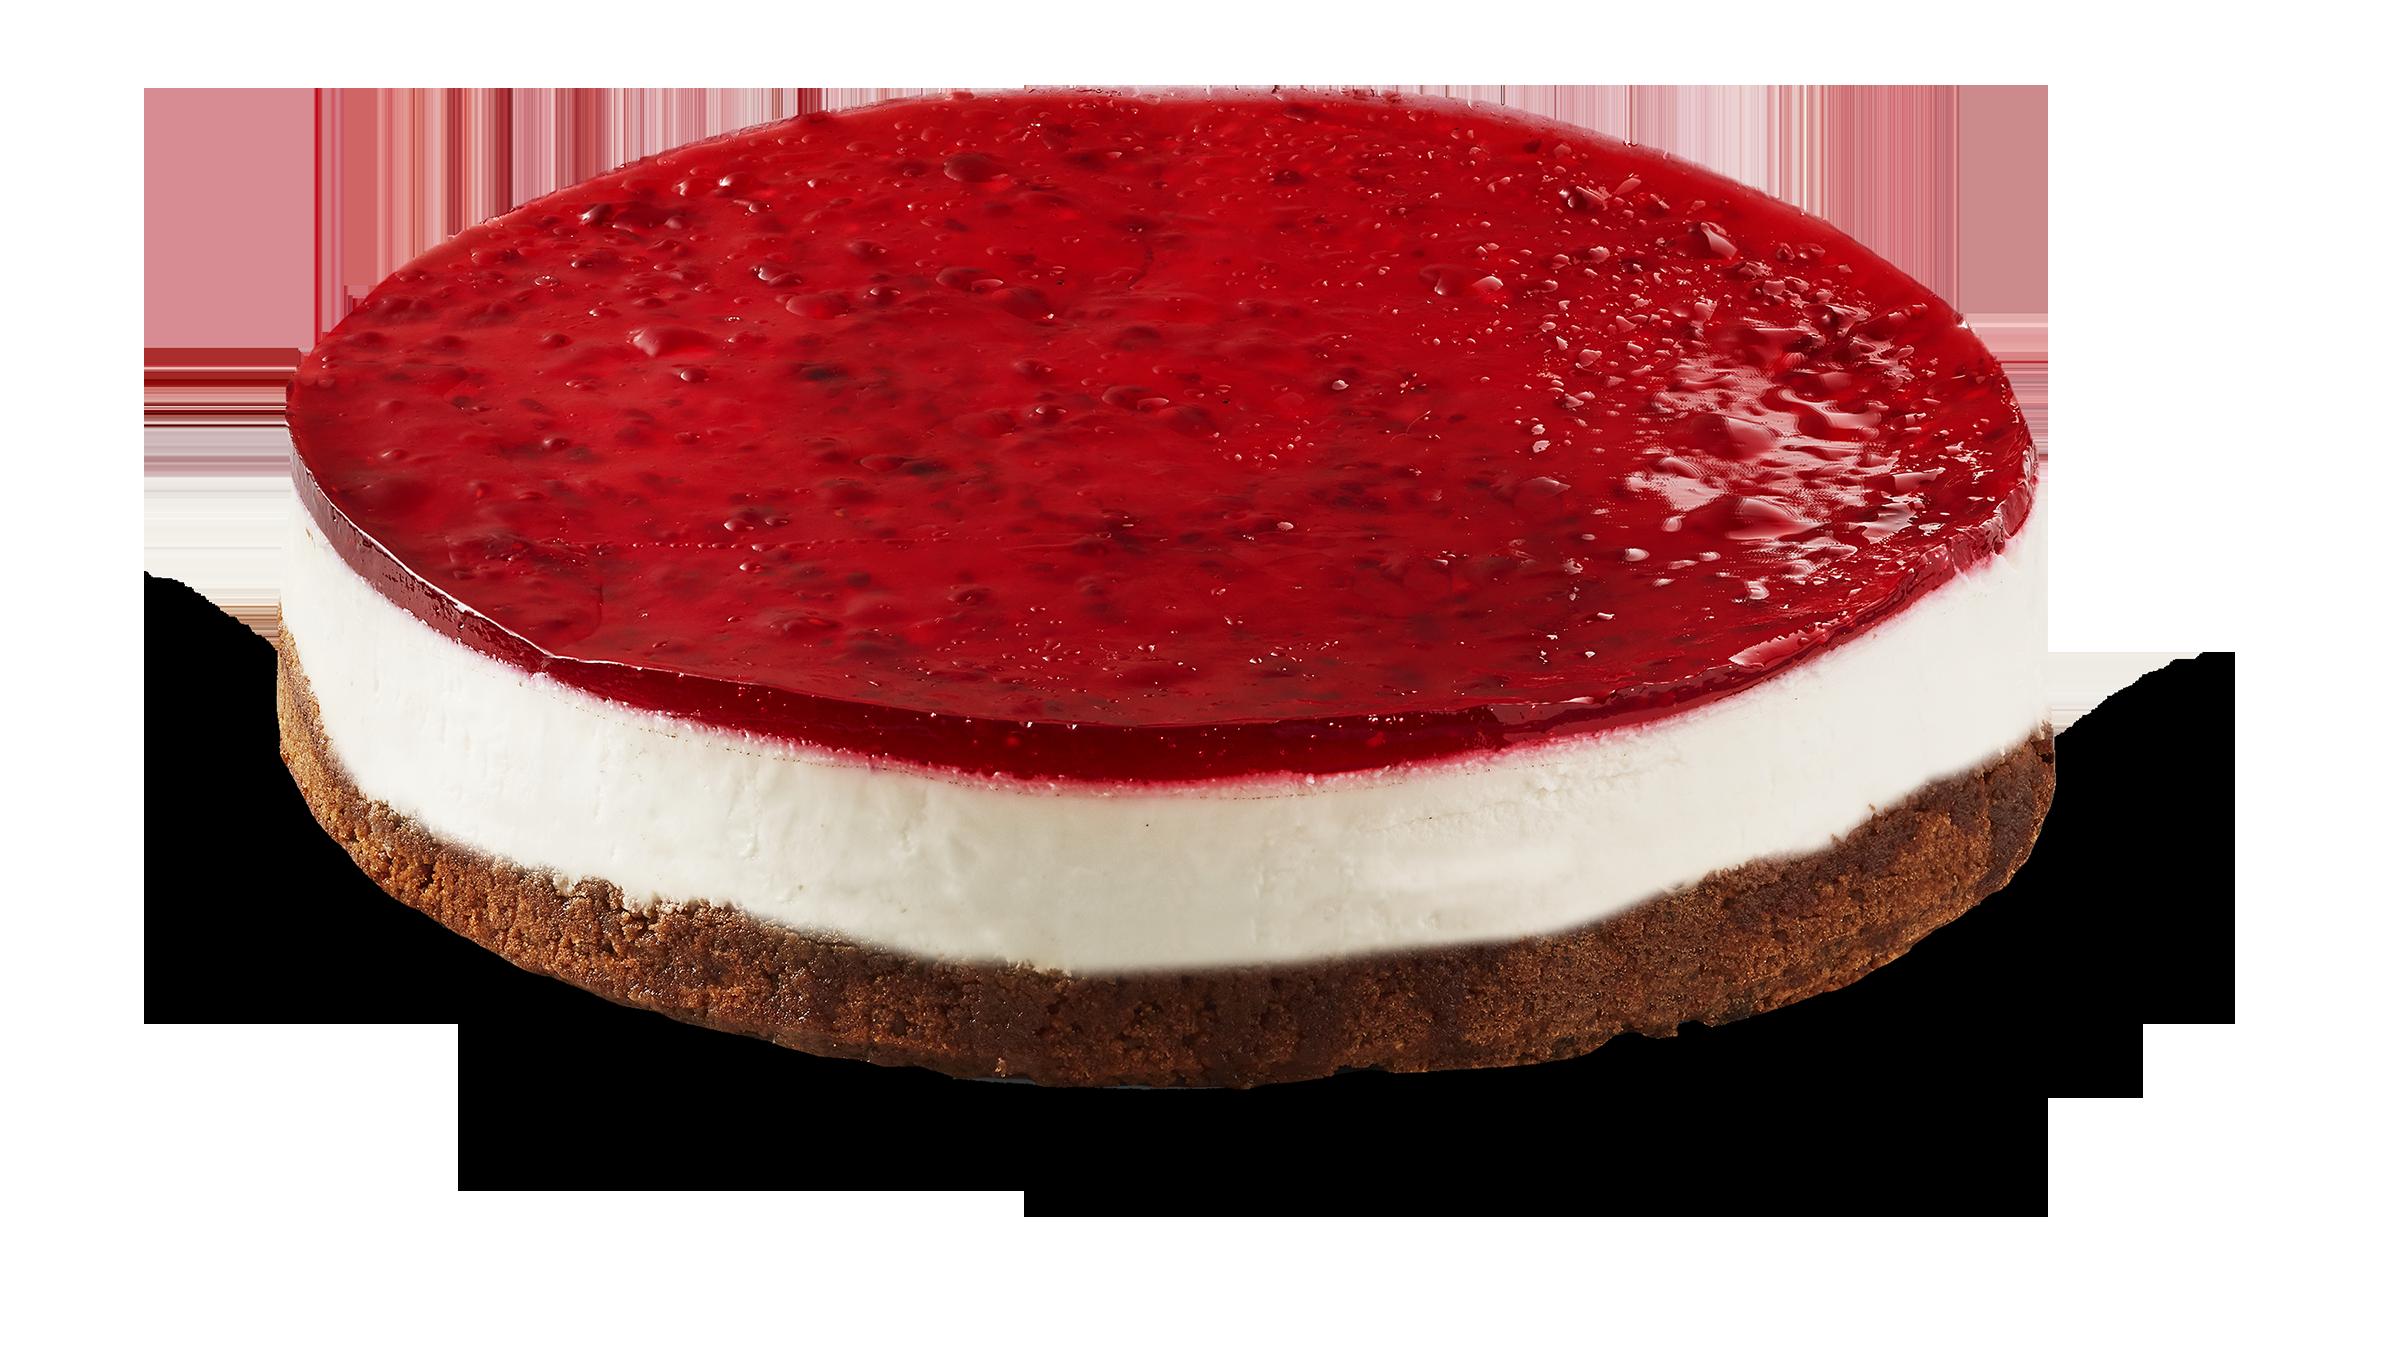 Gluten- och laktosfri Cheesecake hallon 12 bit